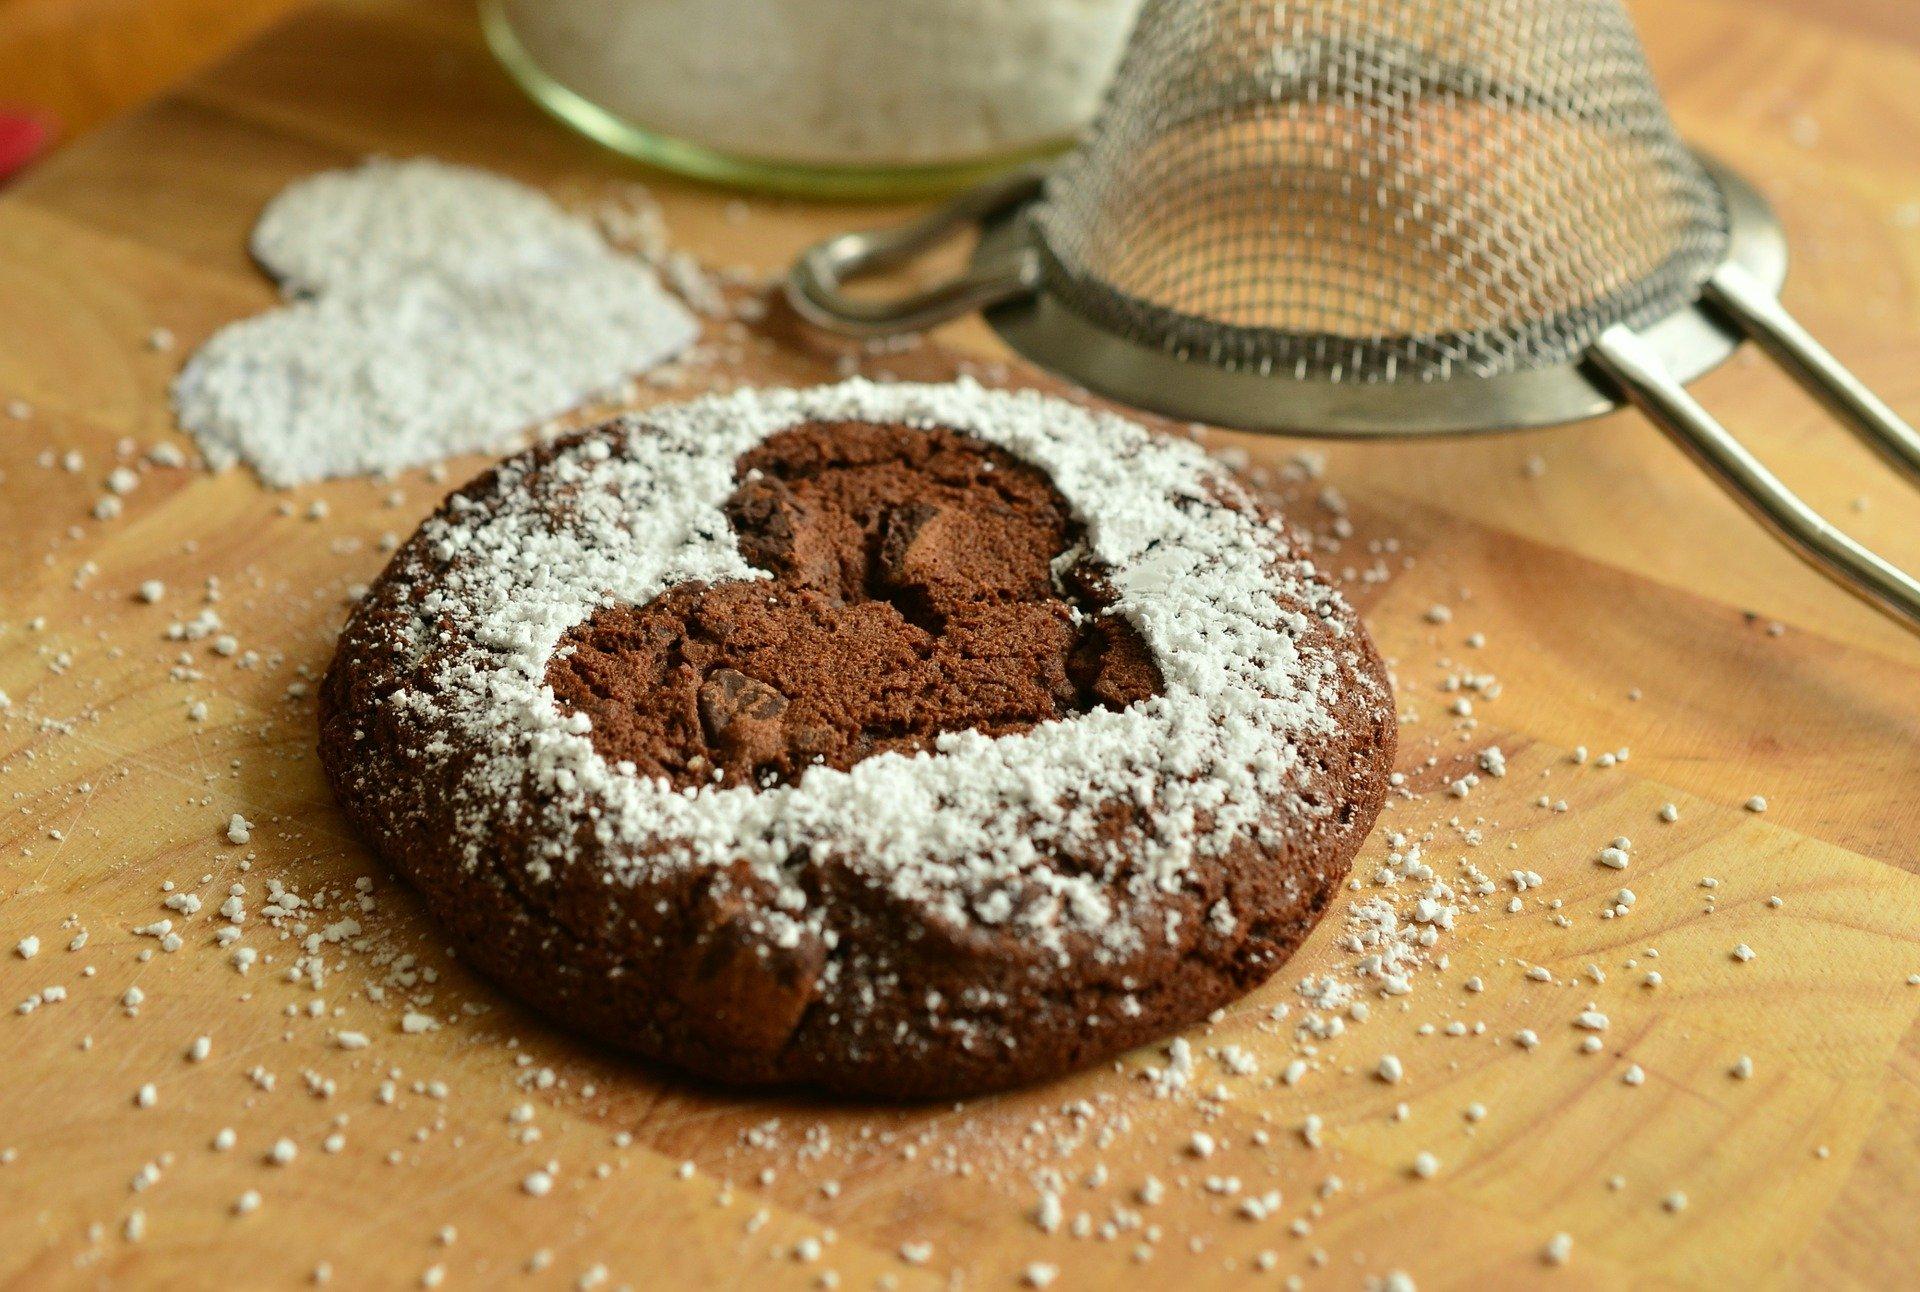 cookie-gf88a86e7c_1920